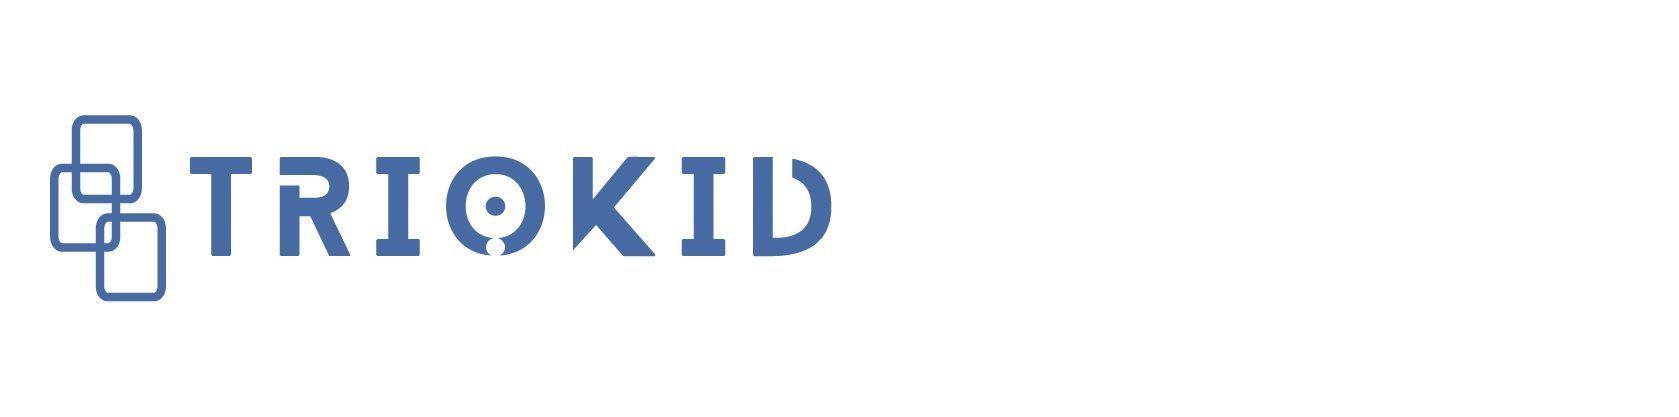 TRIOKID